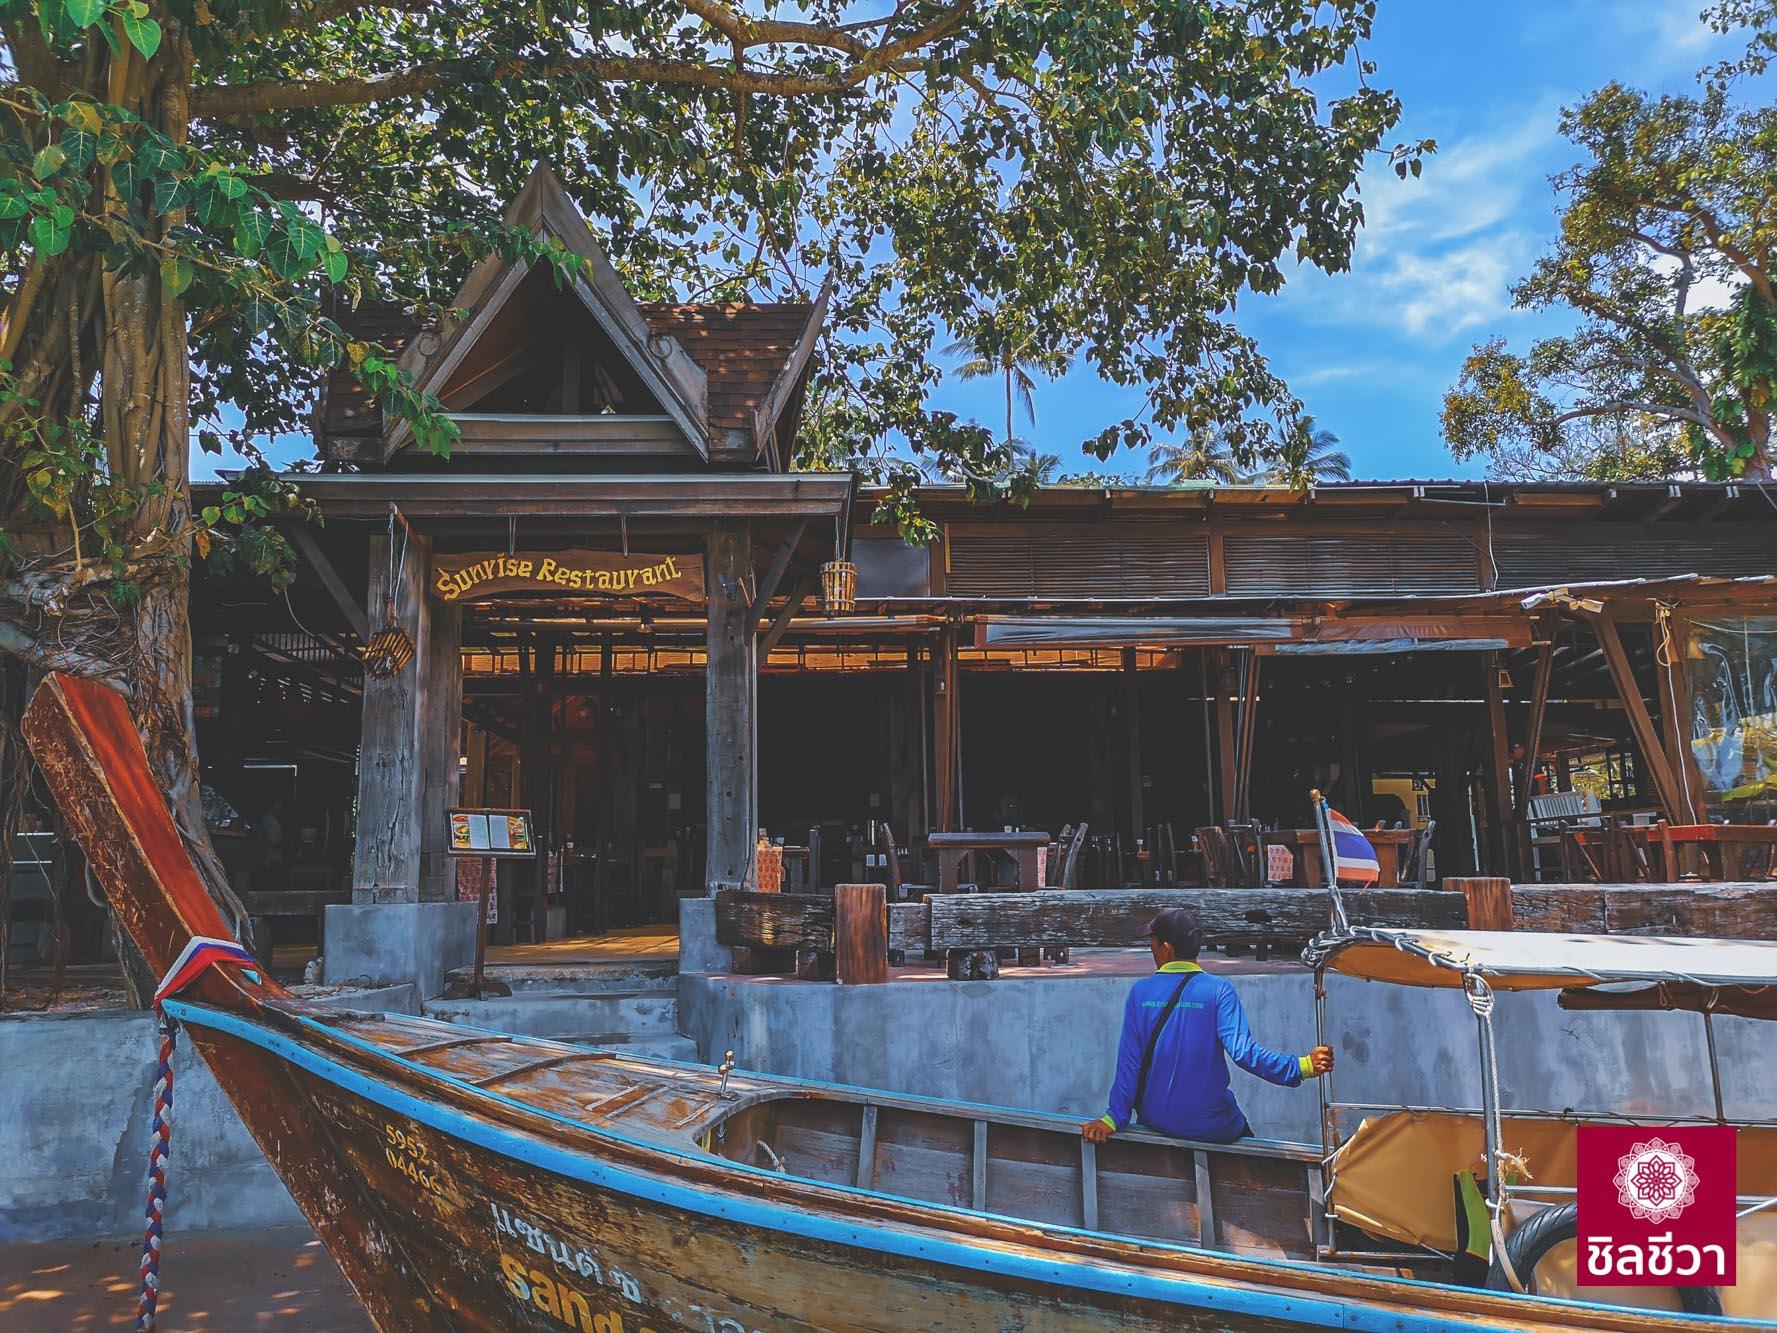 ซันไรท์ ทรอปิคอล รีสอร์ท (Sunrise Tropical Resort) ไร่เลย์ กระบี่  ซันไรท์ ทรอปิคอล รีสอร์ท รีสอร์ทงามๆ บนเกาะไร่เลย์ กระบี่ IMG 20181010 121347